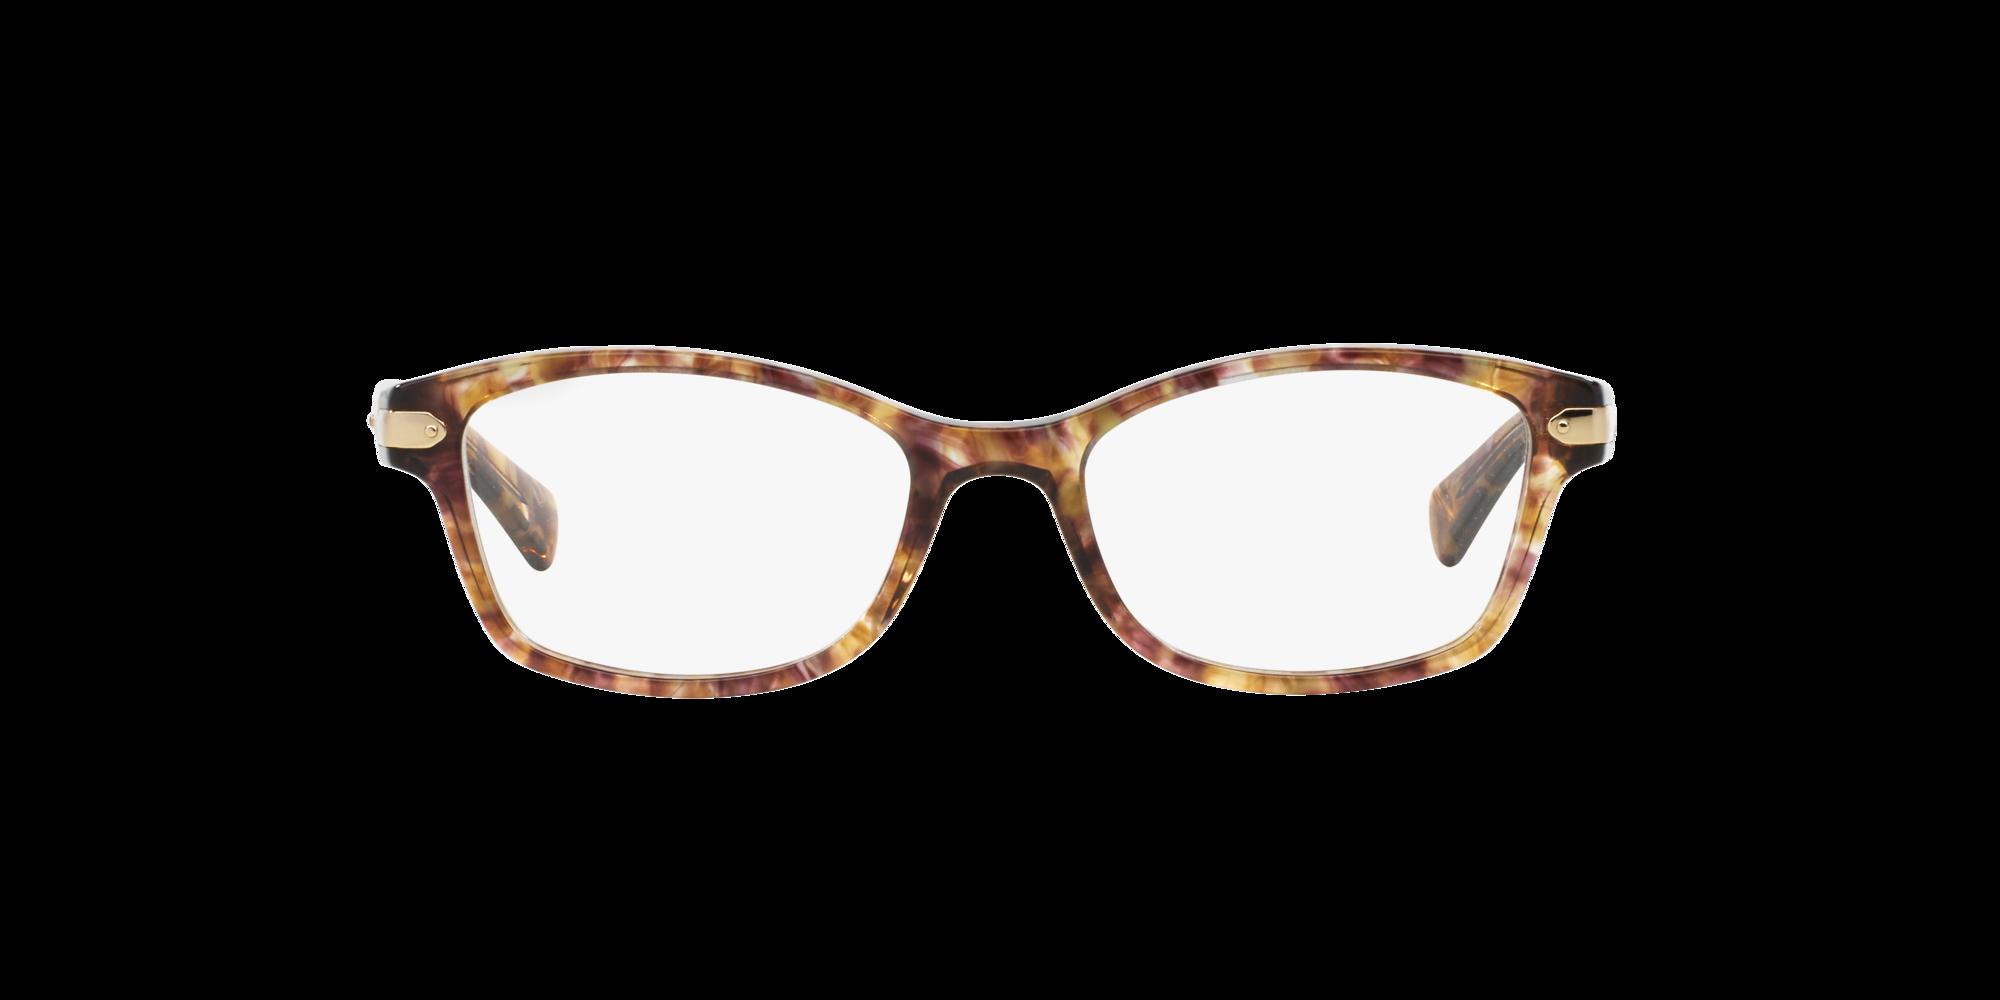 Imagen para HC6065 de LensCrafters |  Espejuelos, espejuelos graduados en línea, gafas